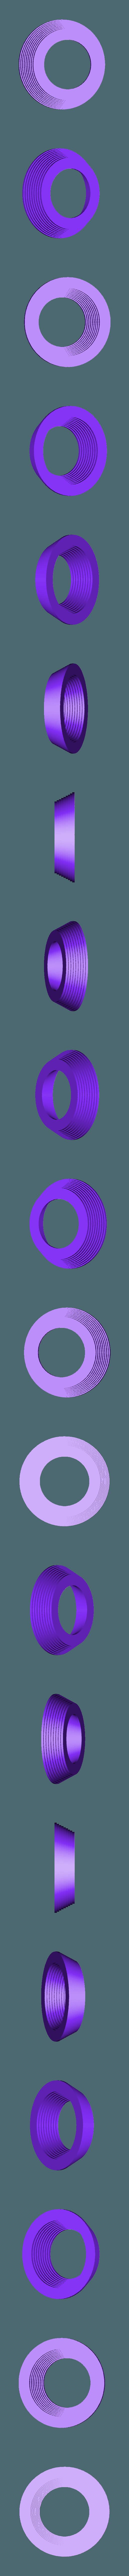 Spool_holder_addition.stl Télécharger fichier STL gratuit 20/20 Porte-bobine et pince • Modèle pour imprimante 3D, LionFox